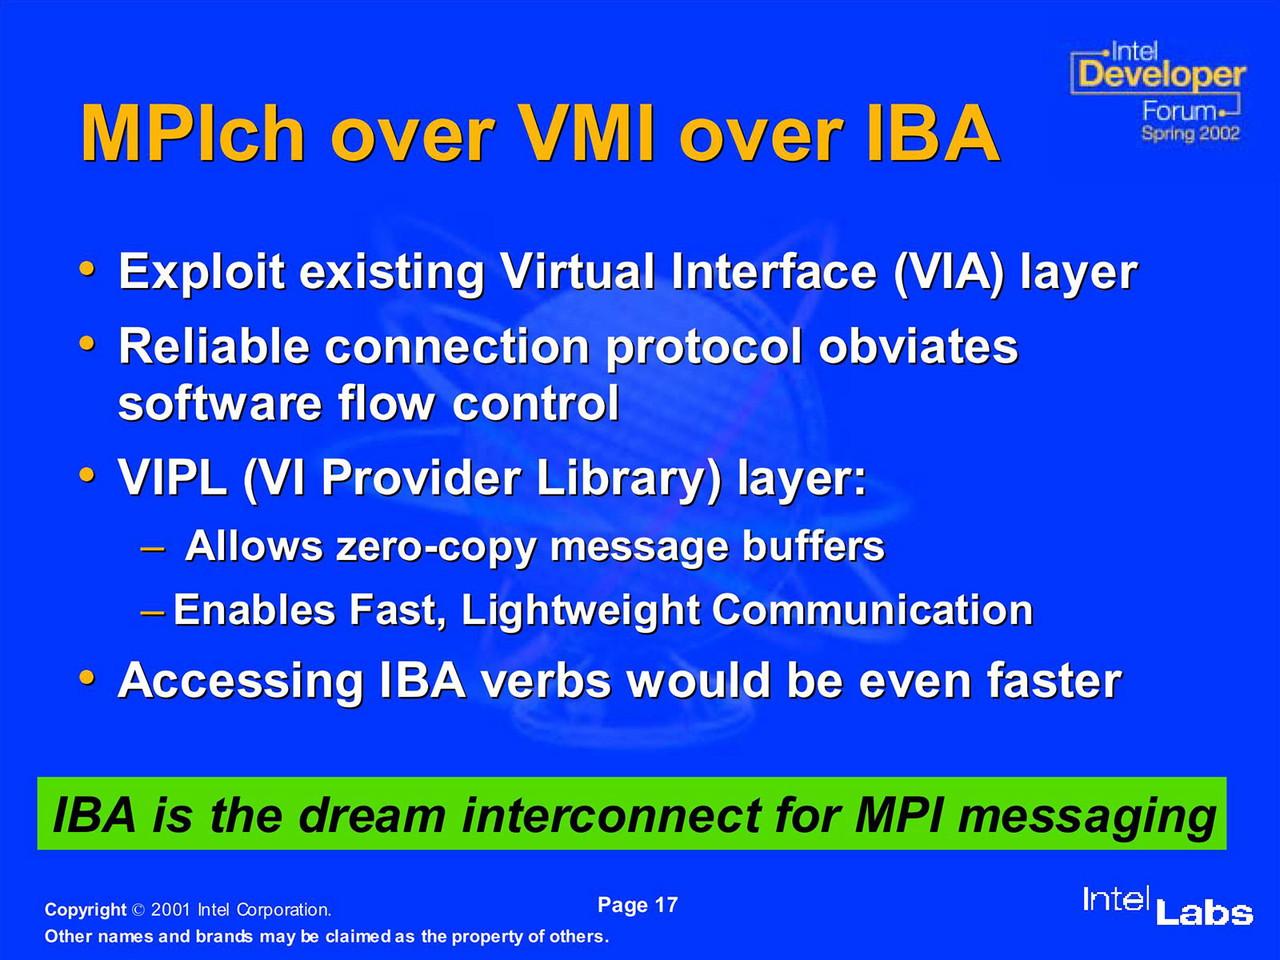 MPICH/VNIを利用すると、従来のMPICHに比べてアプリケーションによっては15~20%高速(つまりそれだけオーバーヘッドが少ない)な上、InfiniBandをMPICH/VNIに対応させる作業は1日未満とされた